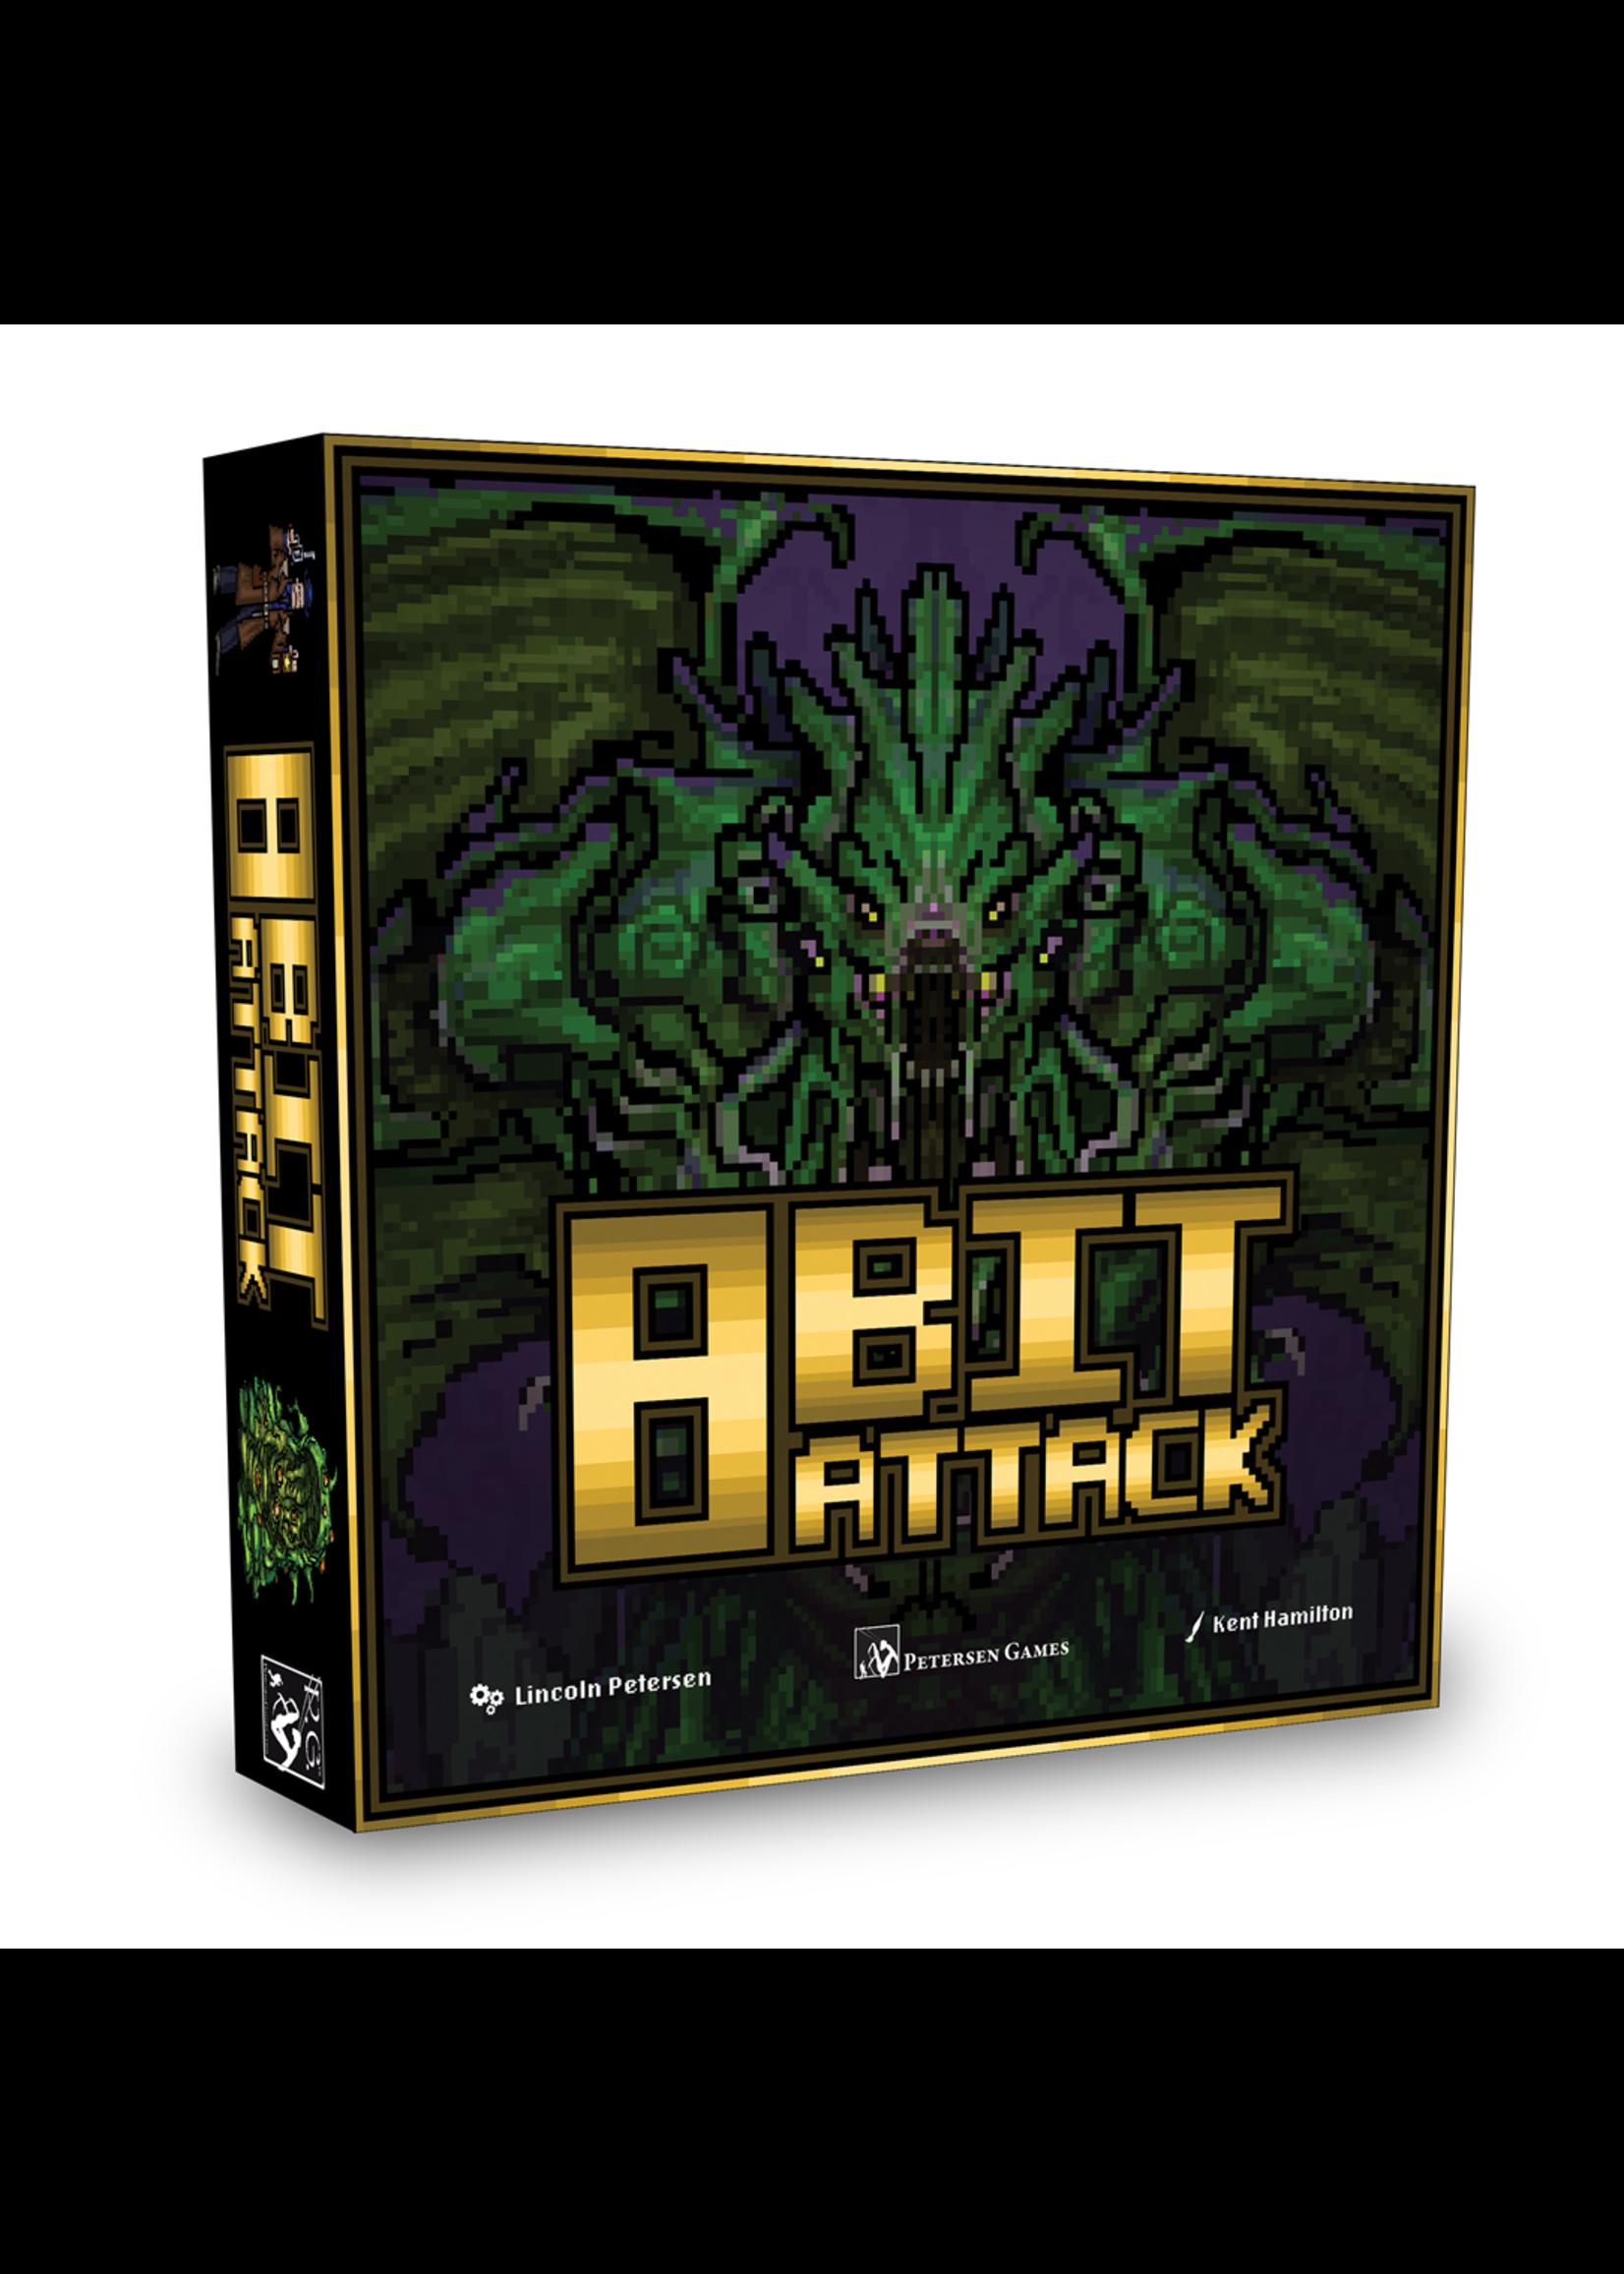 8 Bit Attack